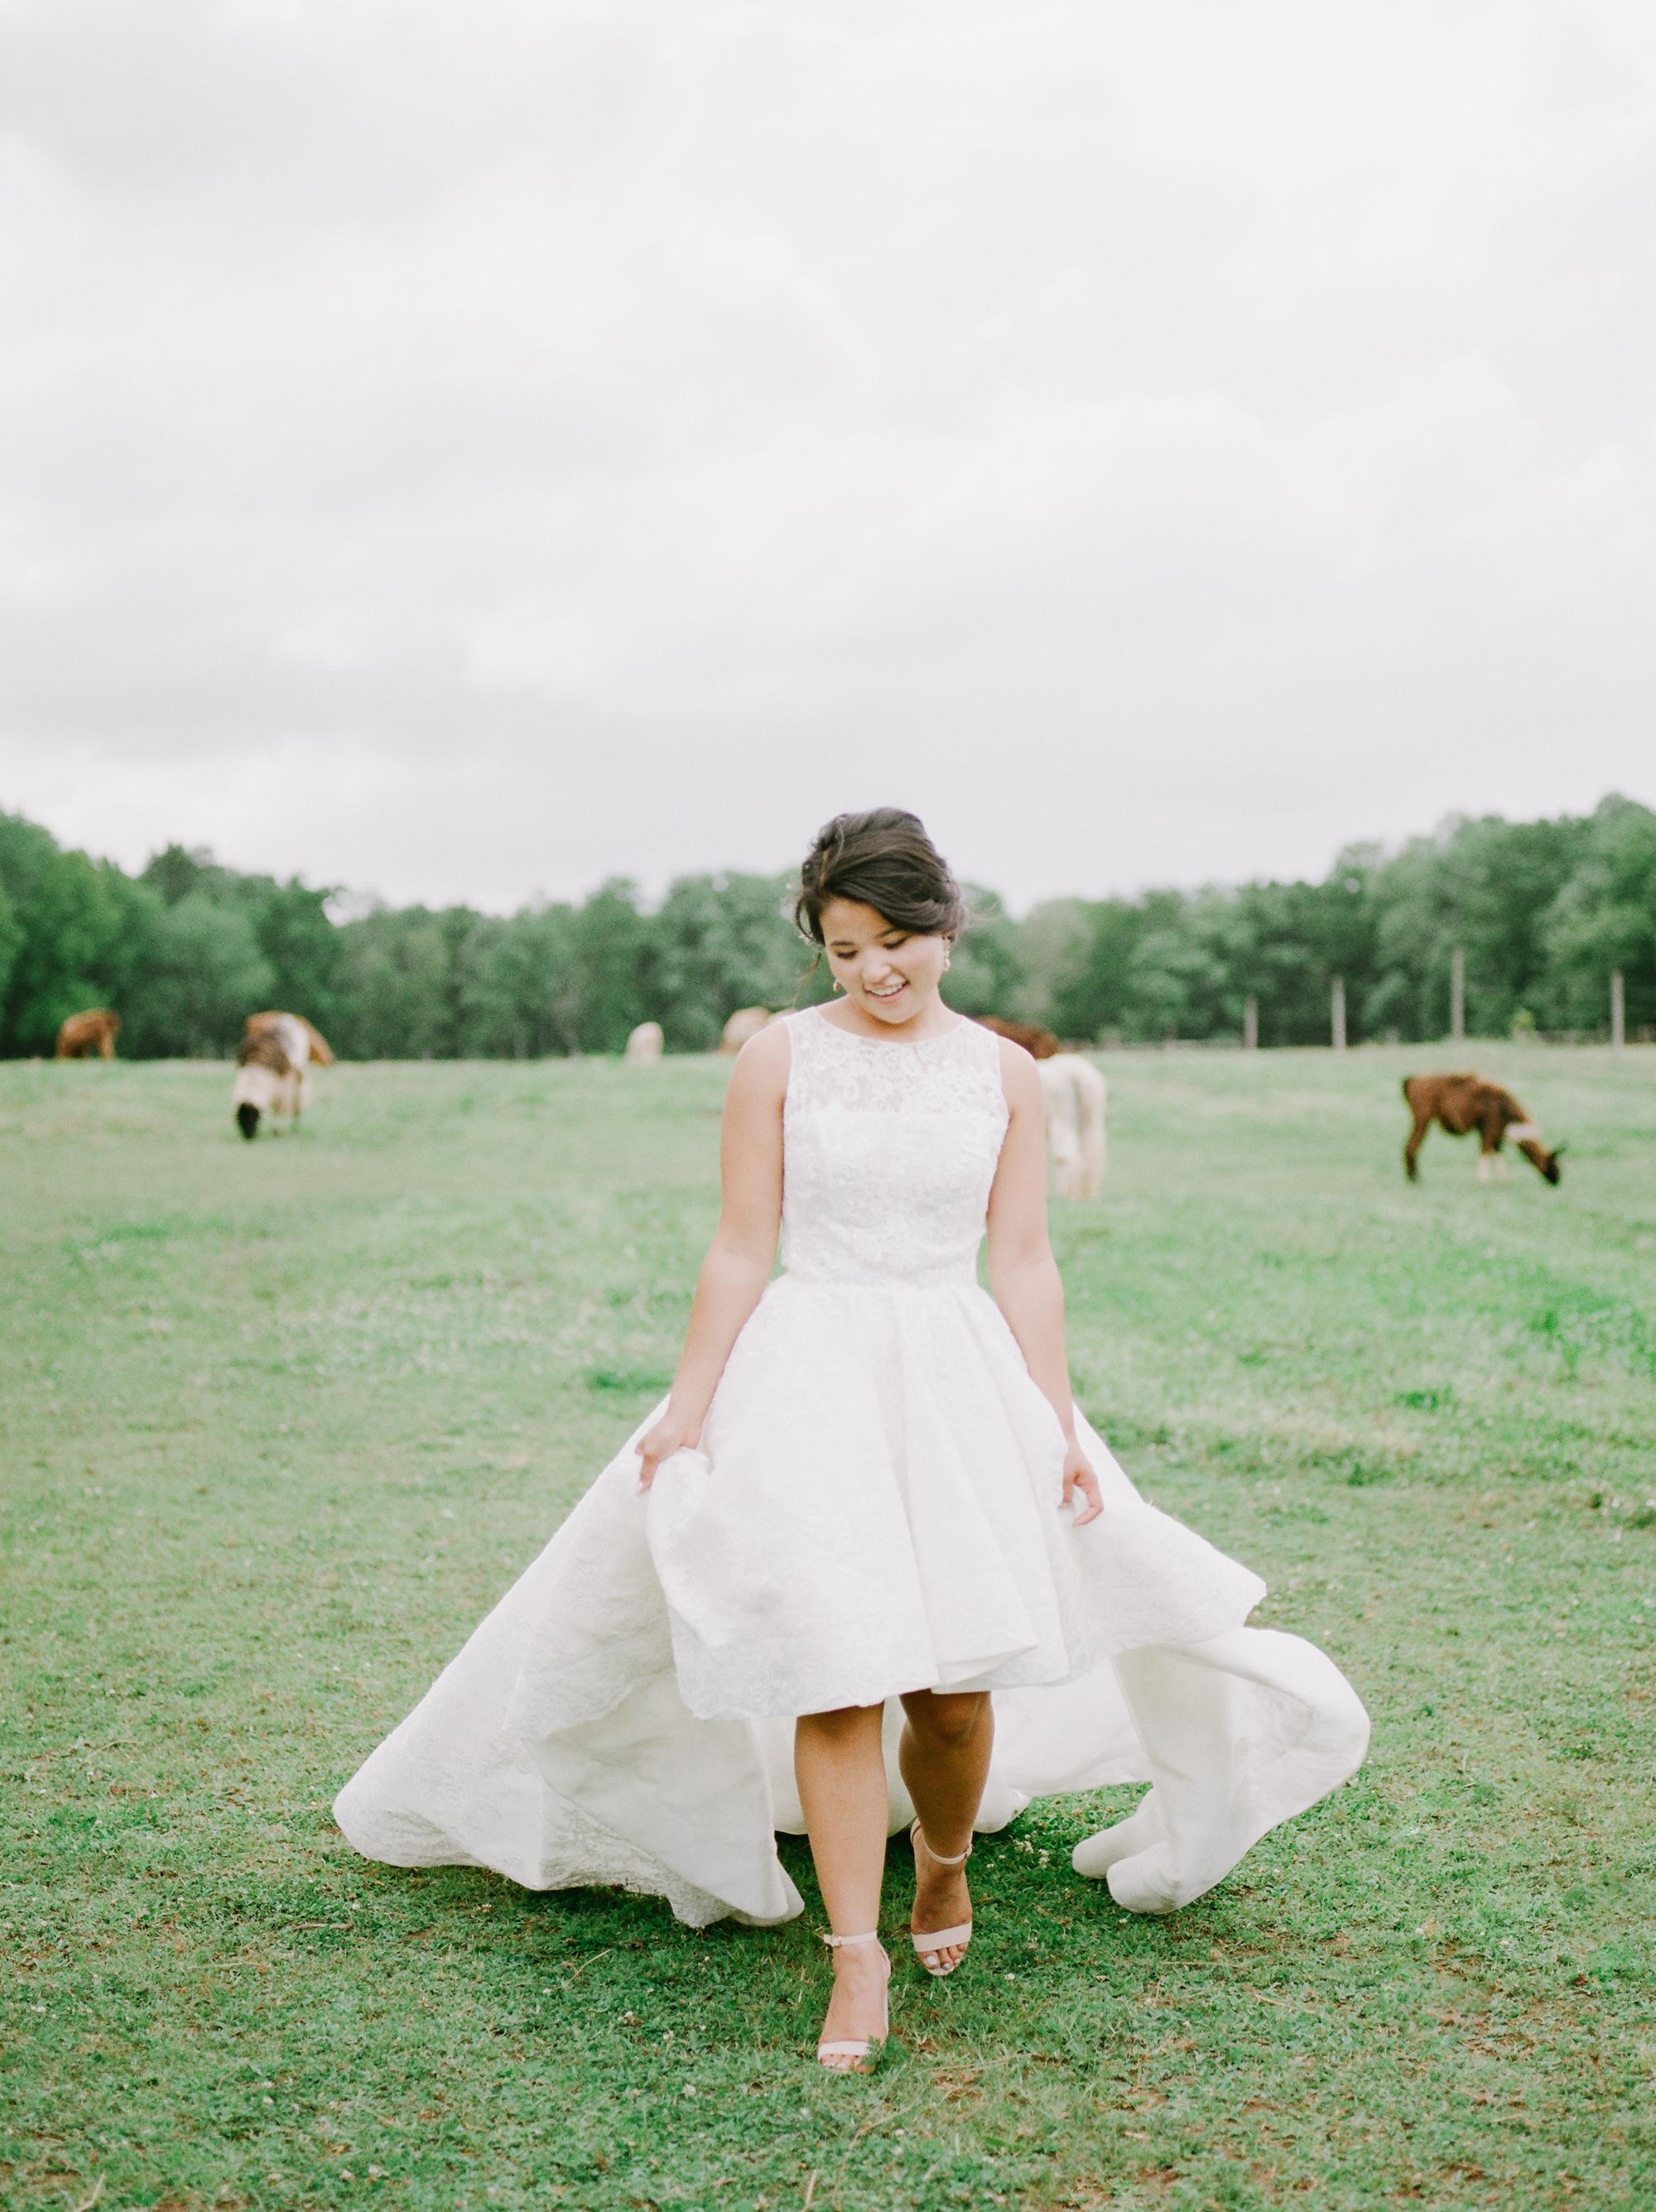 nj_alpaca-farm_wedding_inspiration-80.jpg